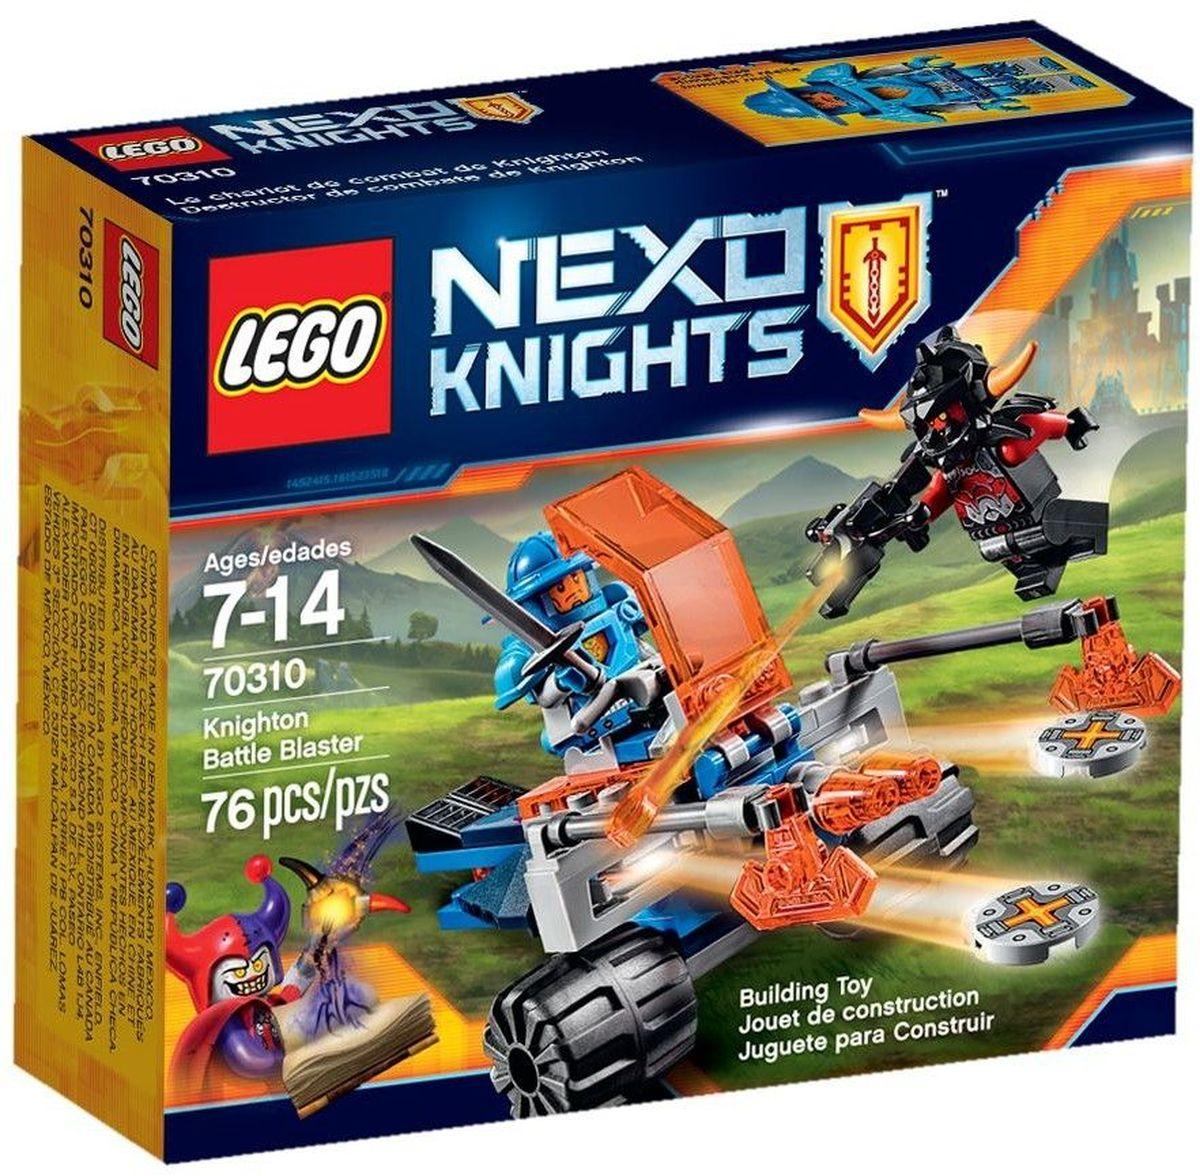 LEGO NEXO KNIGHTS Конструктор Королевский боевой бластер 7031070310Найдите цель и стреляйте! Направьте двухдисковое орудие на зловещего Пеплометателя! Перезаряжайте орудие, используя боеприпасы из сундука. Защитите королевство любой ценой, искусно обращаясь с мечом и могучим топором! Набор включает в себя 76 разноцветных пластиковых элемента. Конструктор - это один из самых увлекательных и веселых способов времяпрепровождения. Ребенок сможет часами играть с конструктором, придумывая различные ситуации и истории.